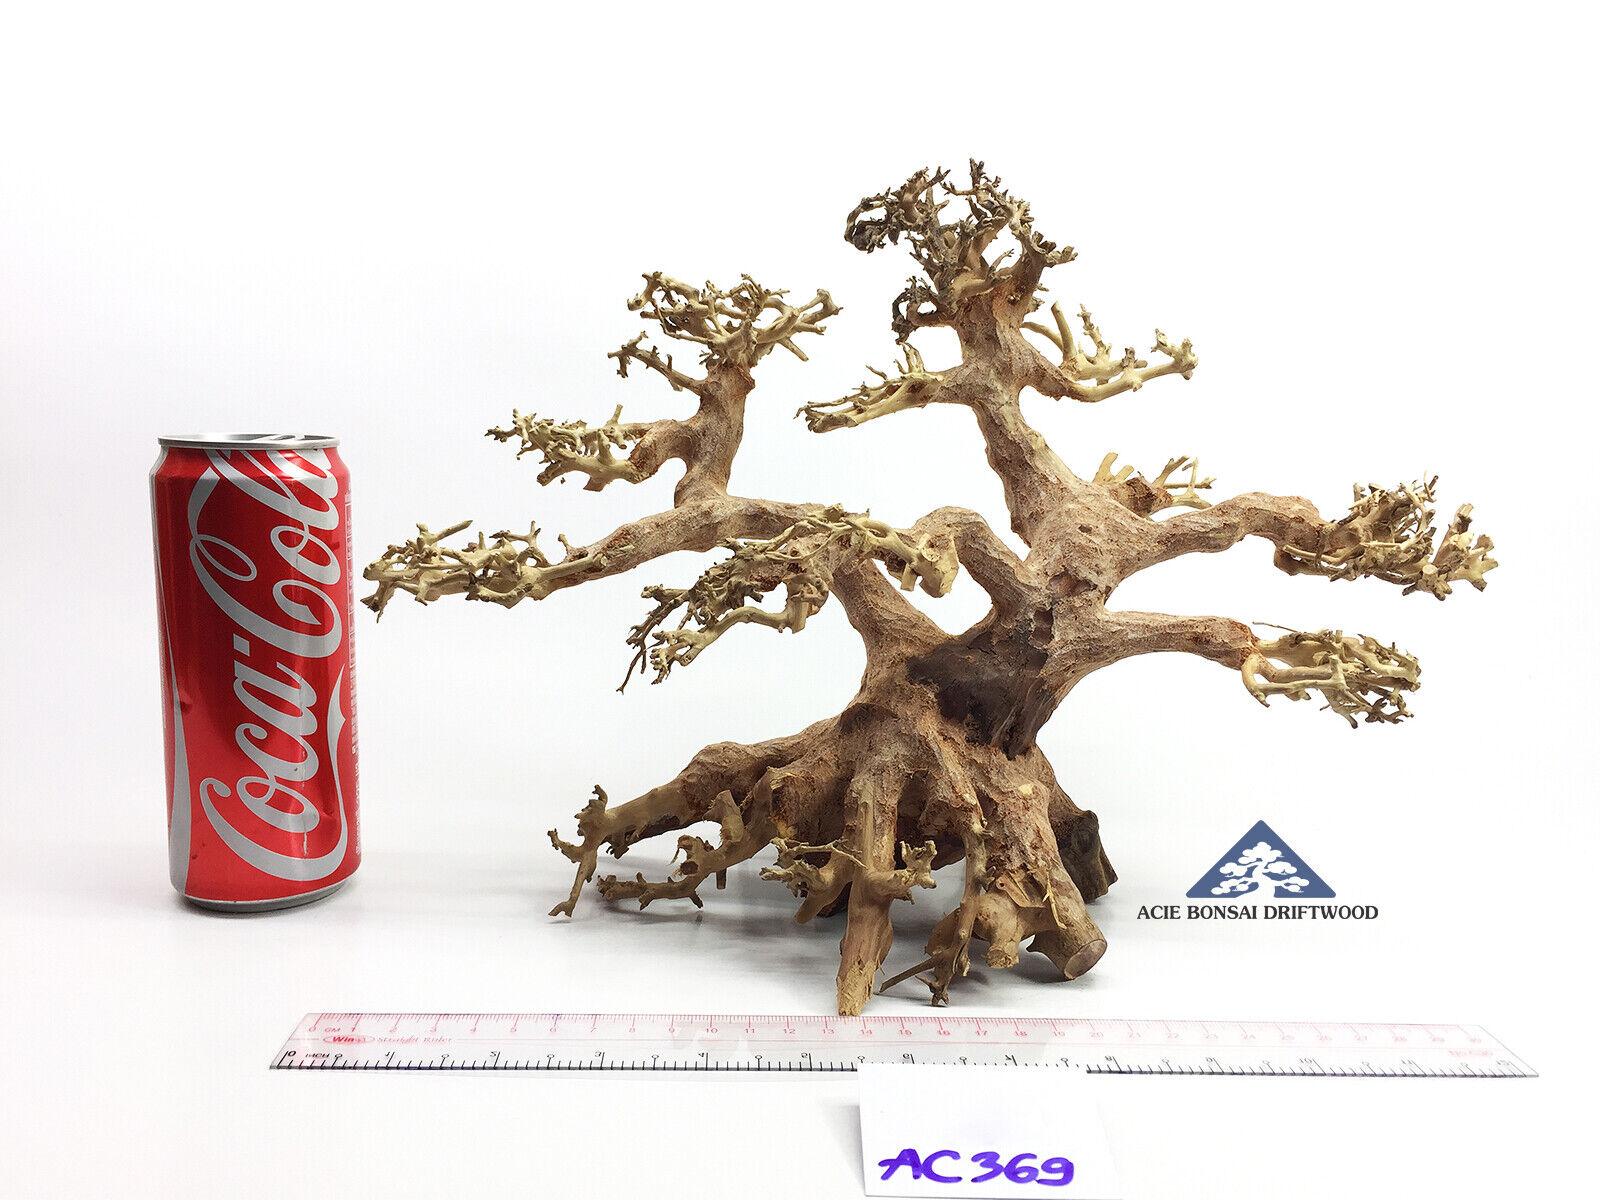 Large Bonsai Driftwood Tree for Aquarium Moss Fish Shrimp Betta FreshwaterAC369